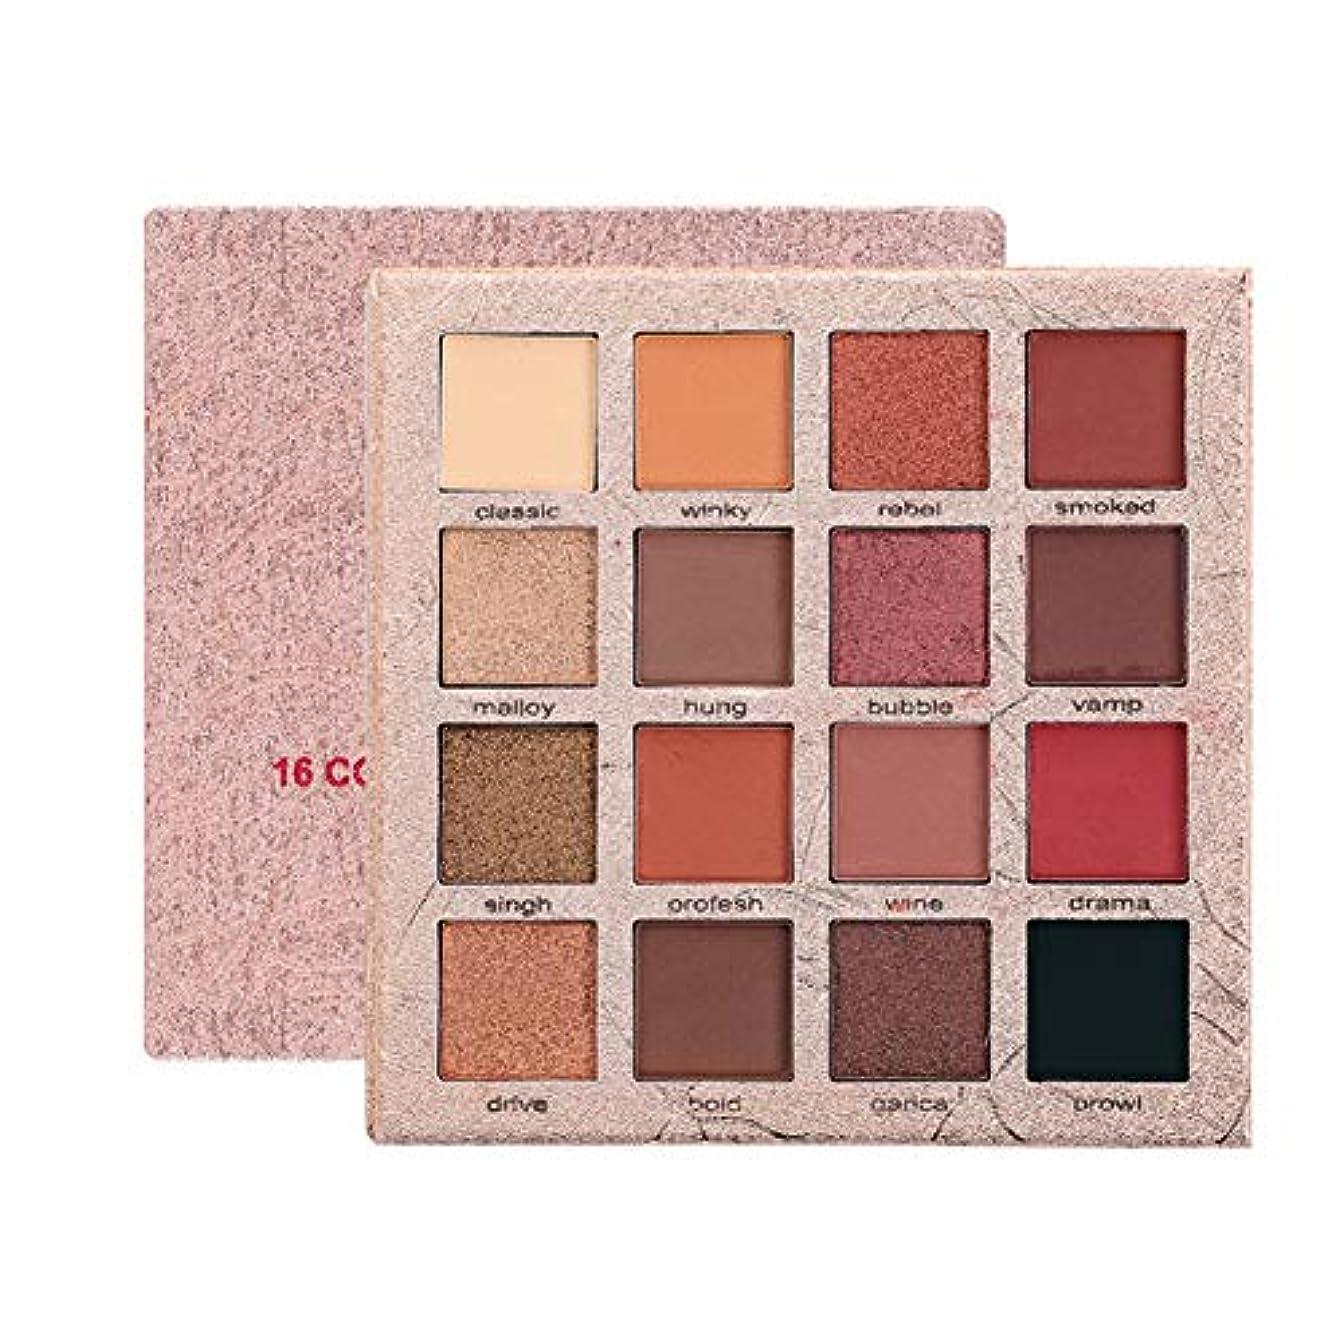 16色アイシャドーパレット、化粧品長持ちするつや消しグリッターアイシャドウパウダー